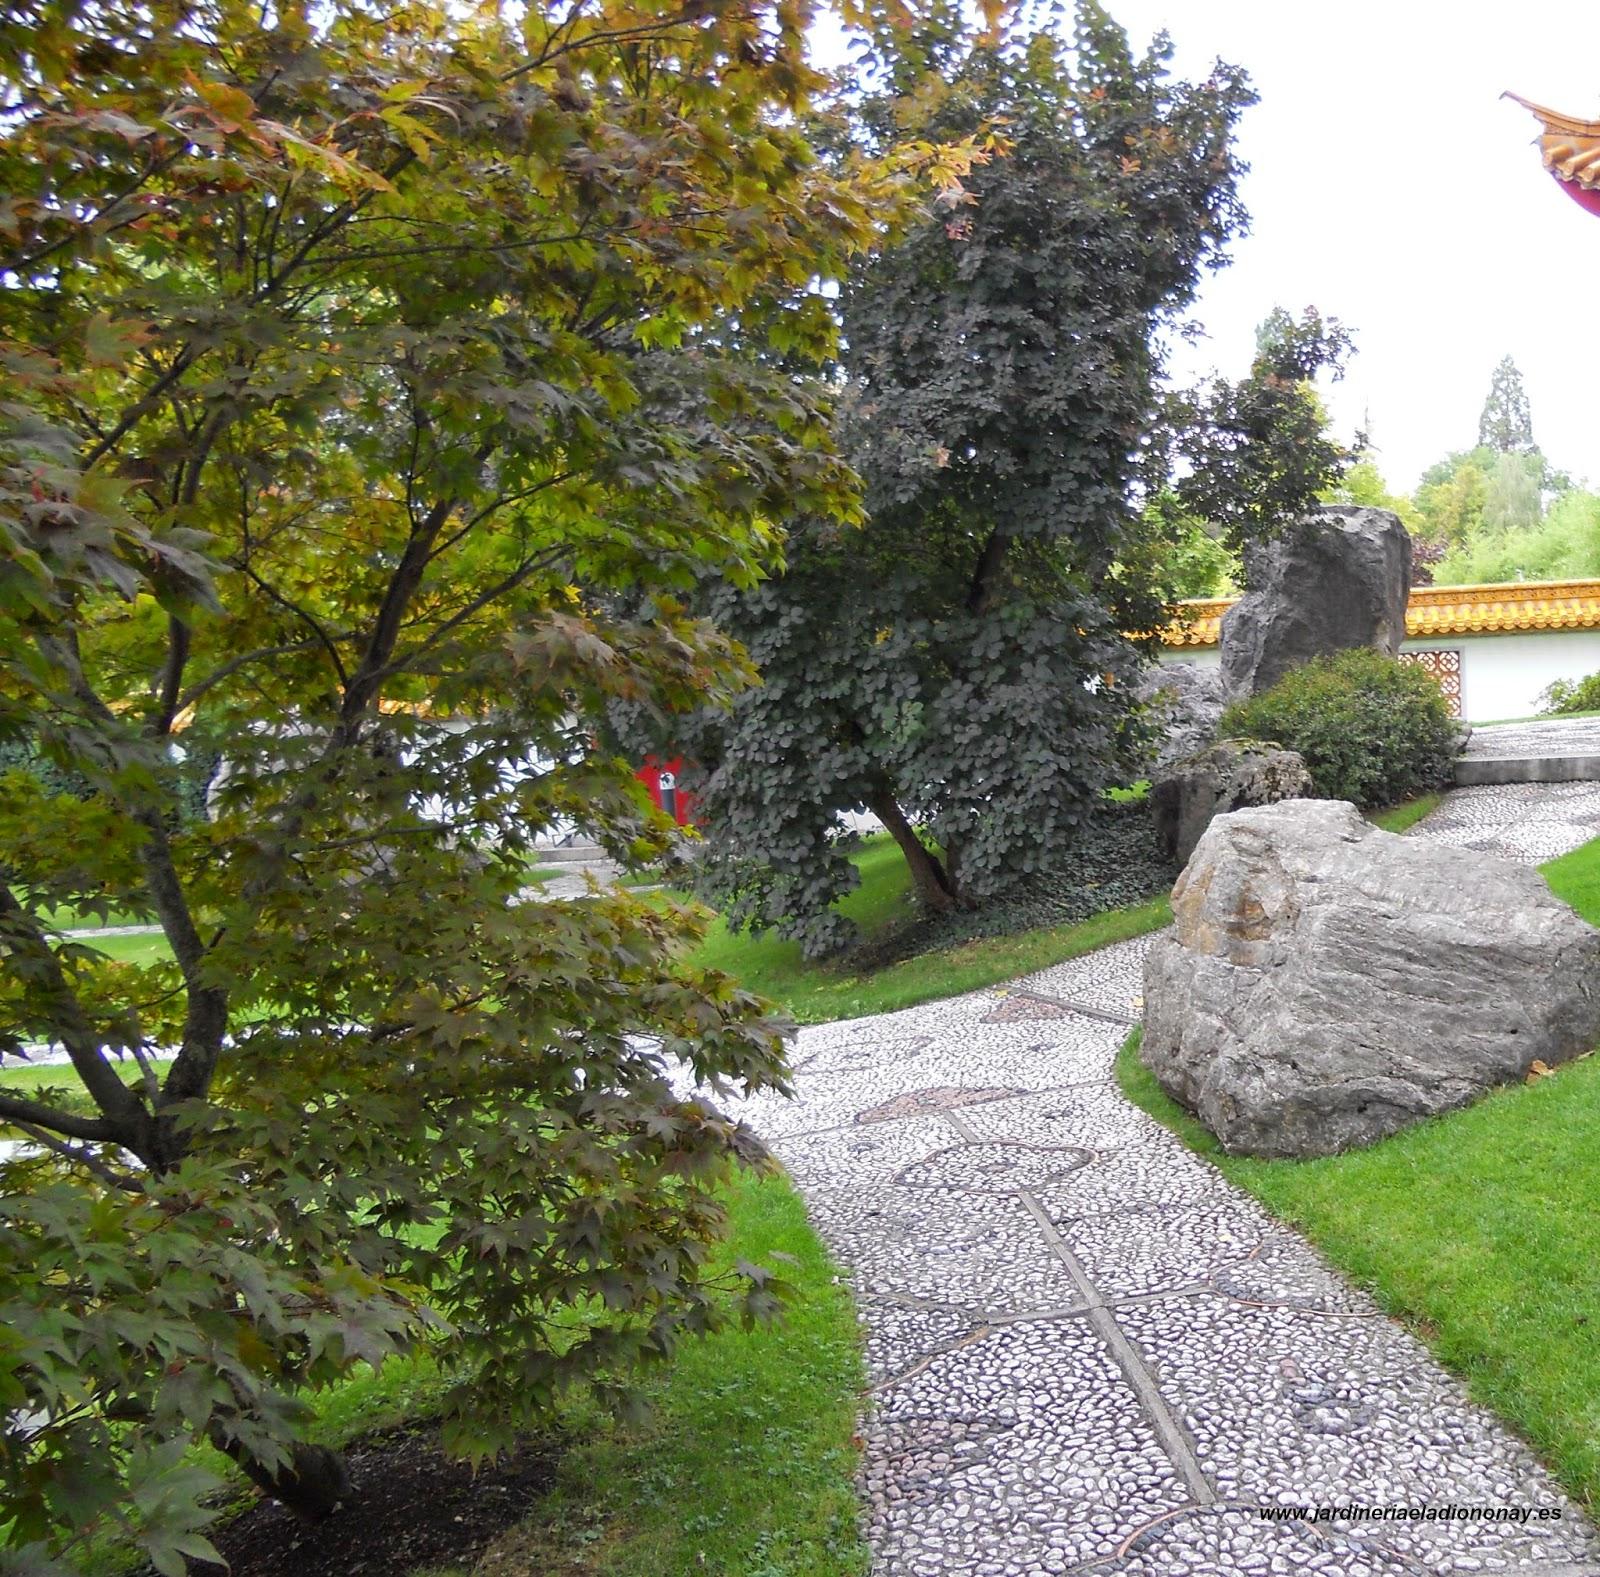 Jardineria eladio nonay empleo de grava y consejos tiles for Utiles de jardineria